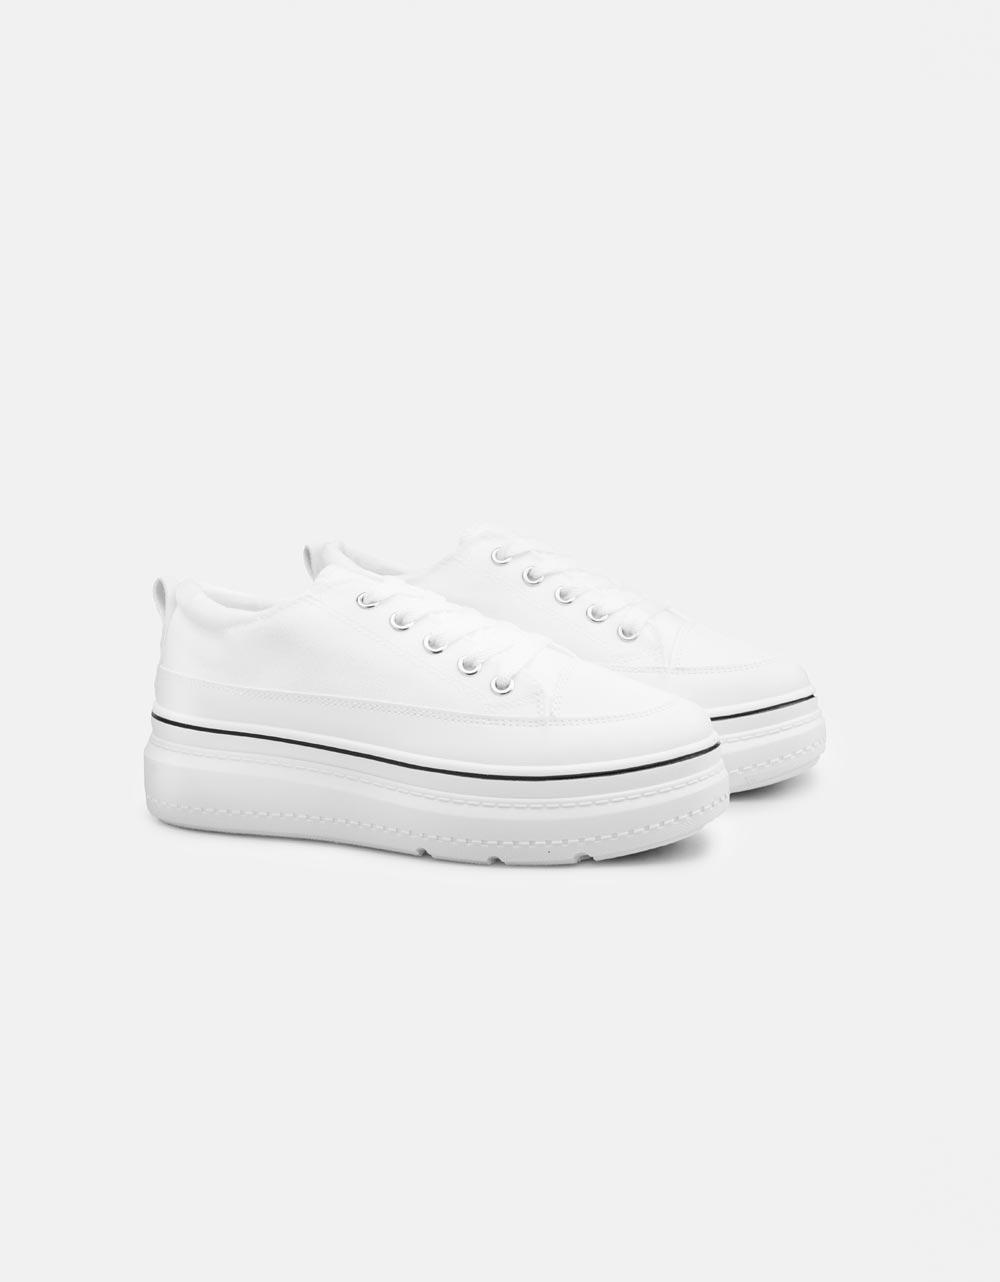 Εικόνα από Γυναικεία sneakers με εφέ ραφές στη σόλα Λευκό